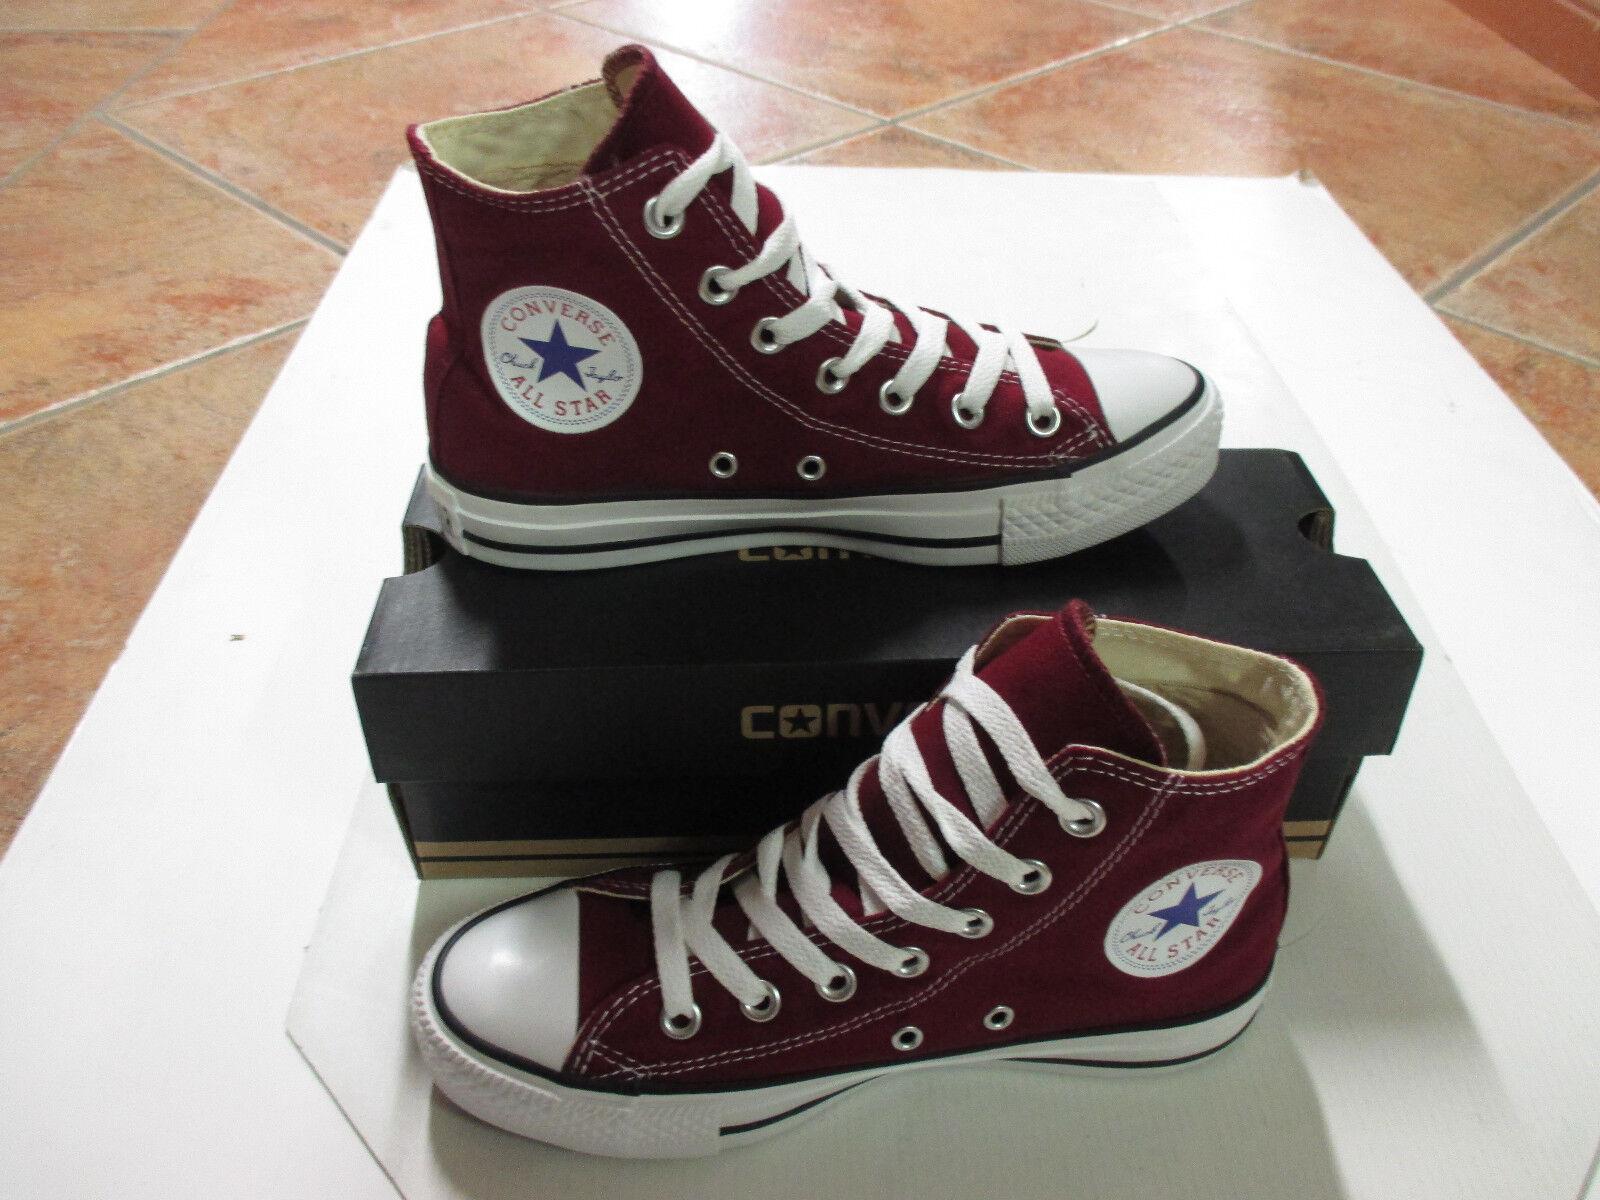 hot sale online 4aee9 757c6 Converse Chucks All Star Größe 44 maroon weinrot M9613C Neu ...